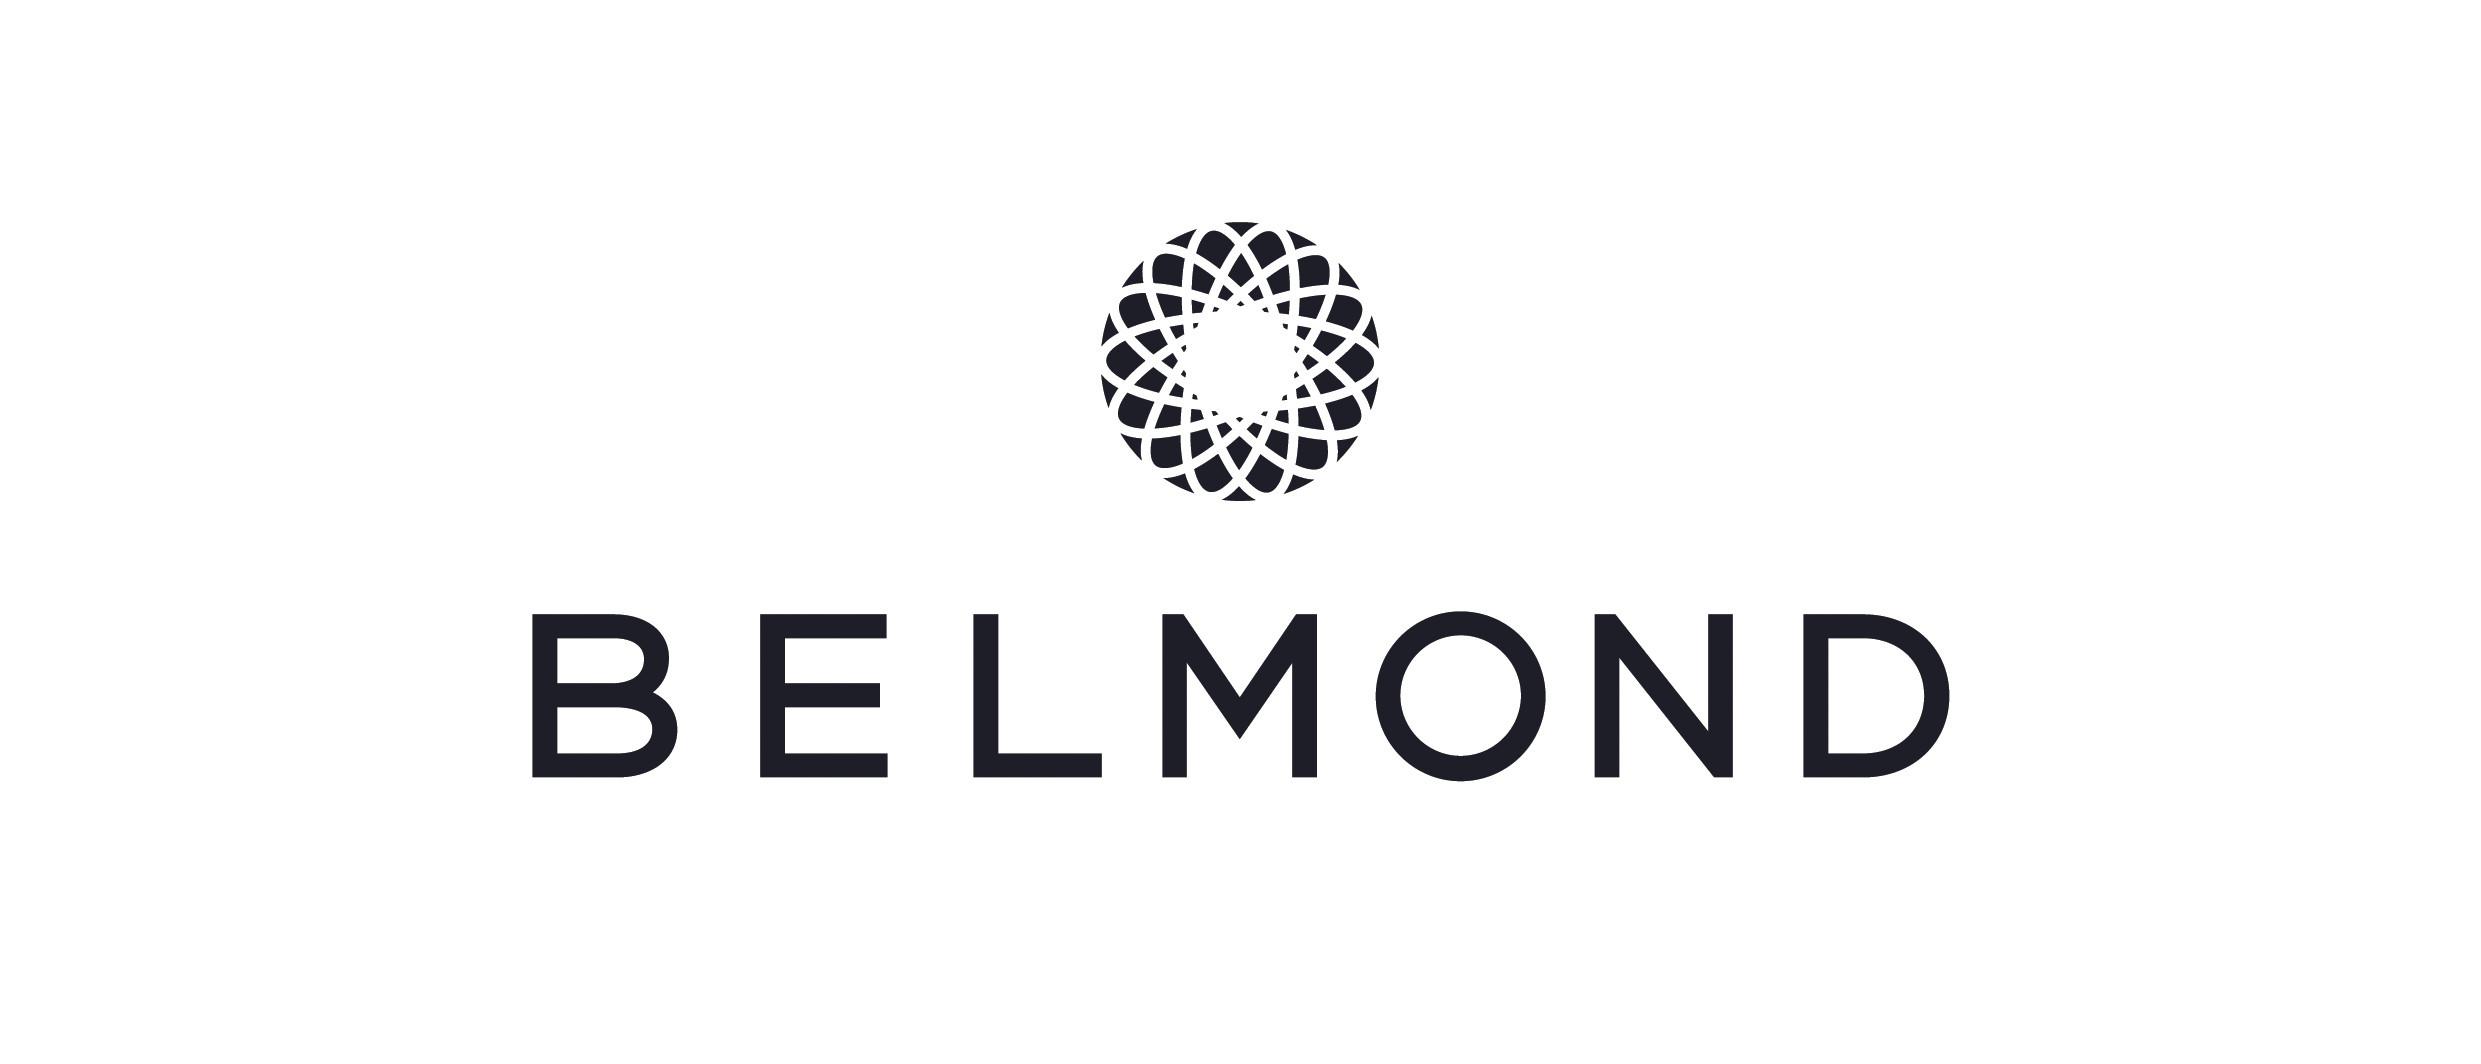 belmond.jpg